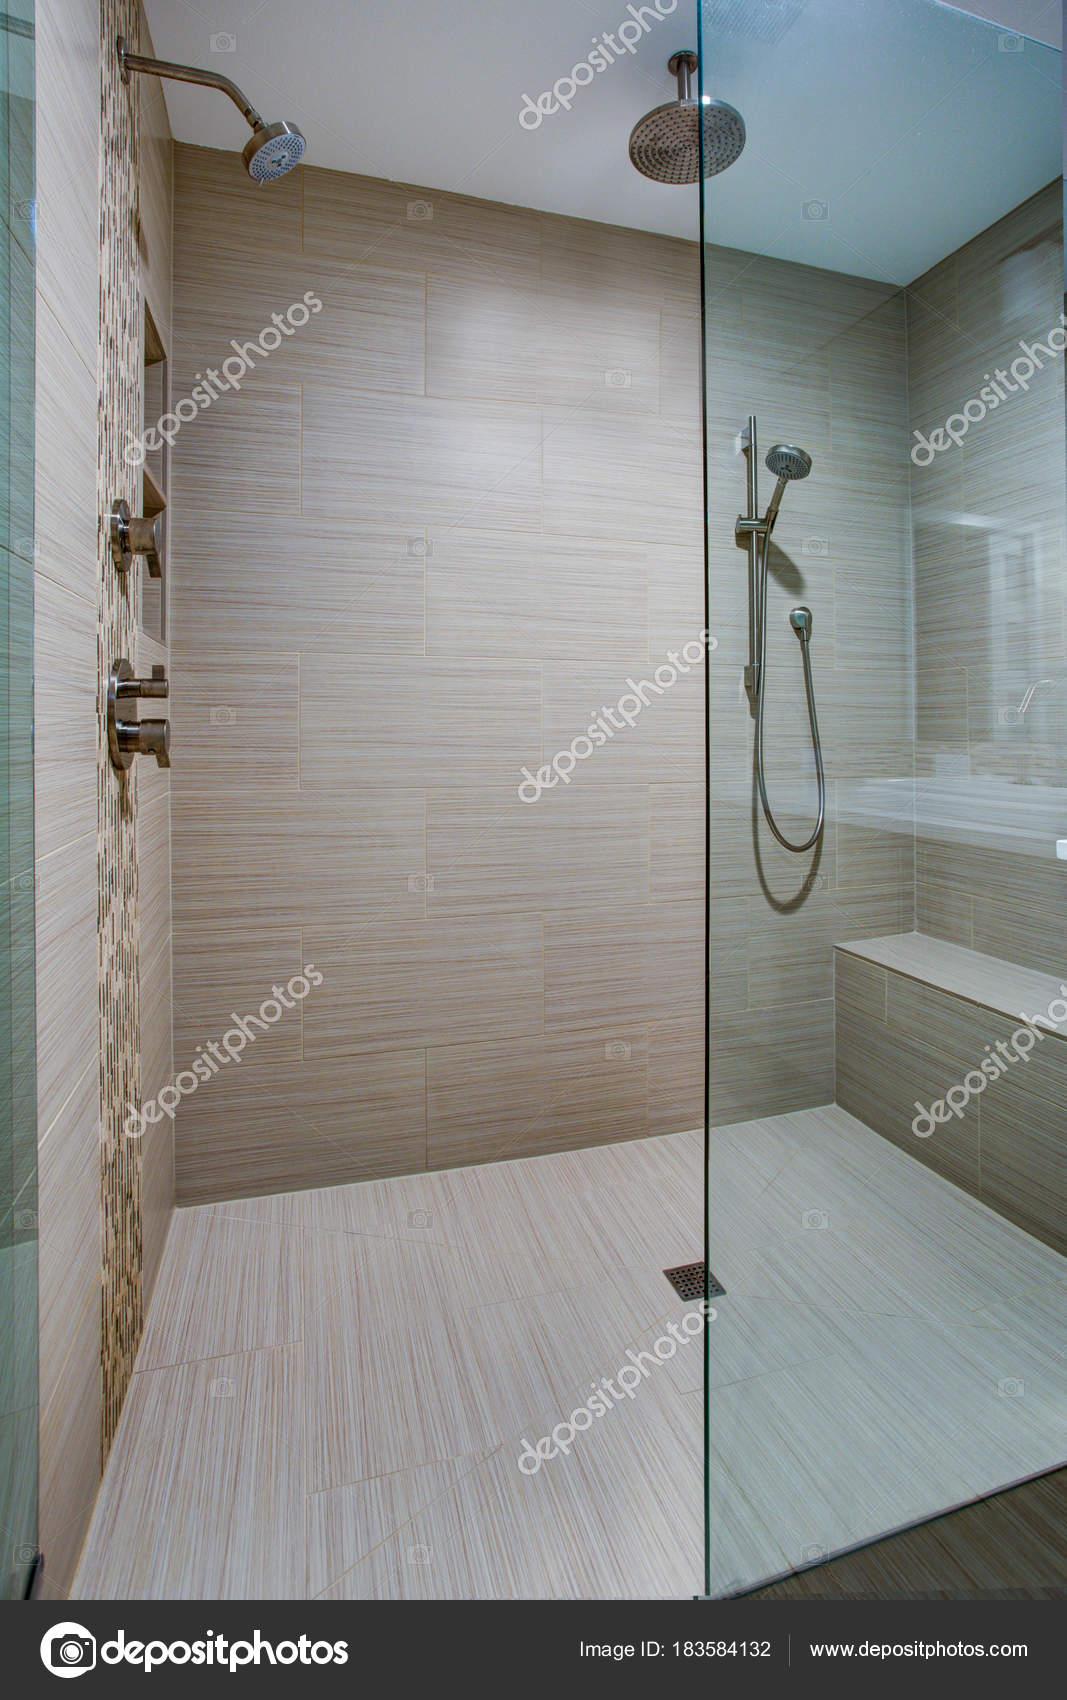 Erstaunlich Dusche Mit Sitzbank Referenz Von Schicke Begehbare Integrierter — Stockfoto